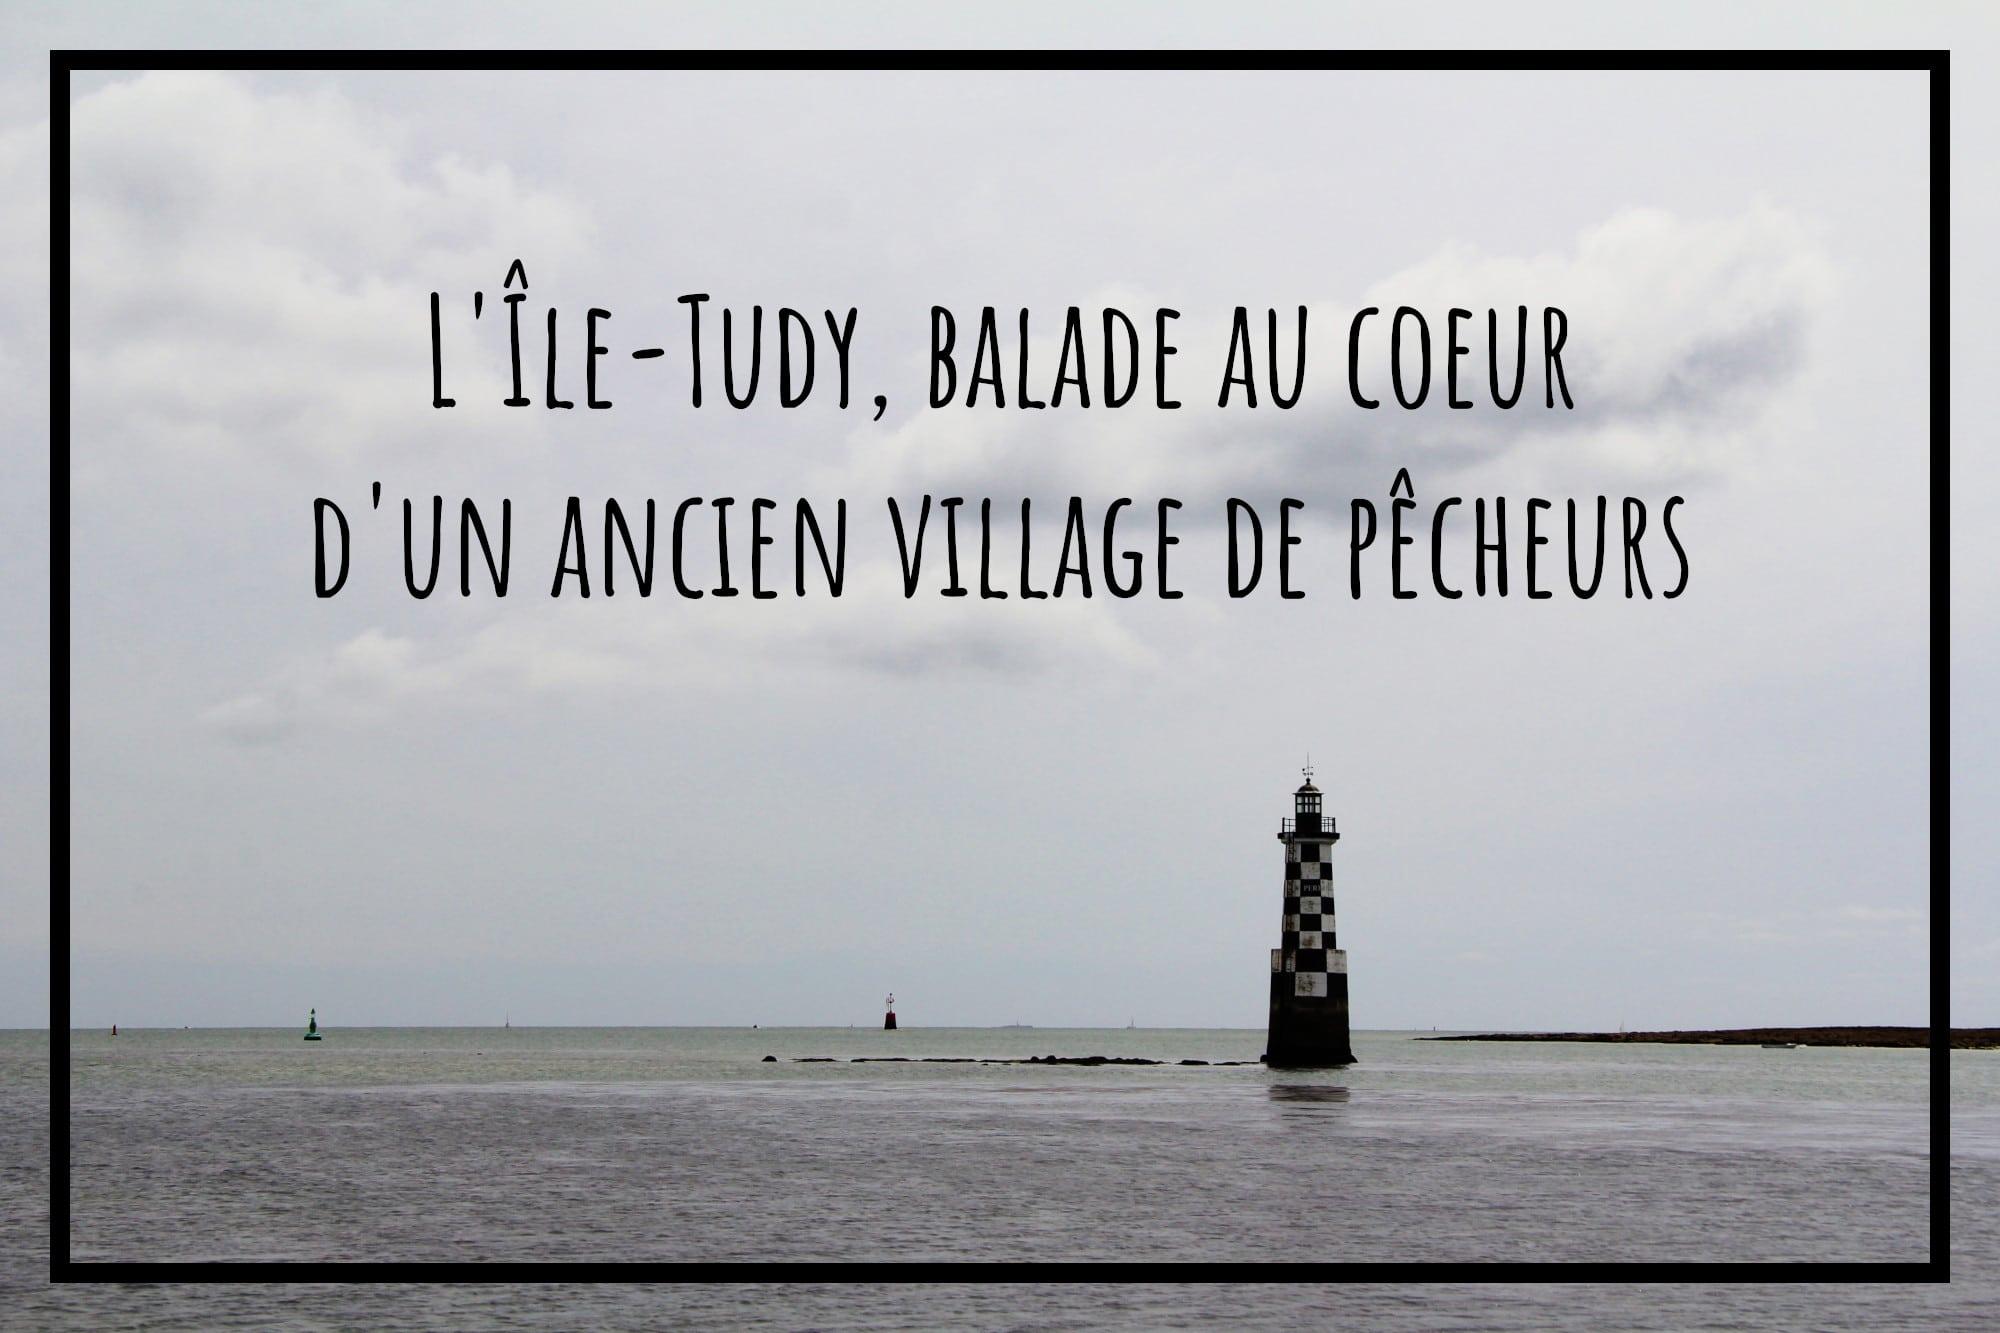 You are currently viewing L'Île-Tudy, balade au coeur d'un ancien village de pêcheurs